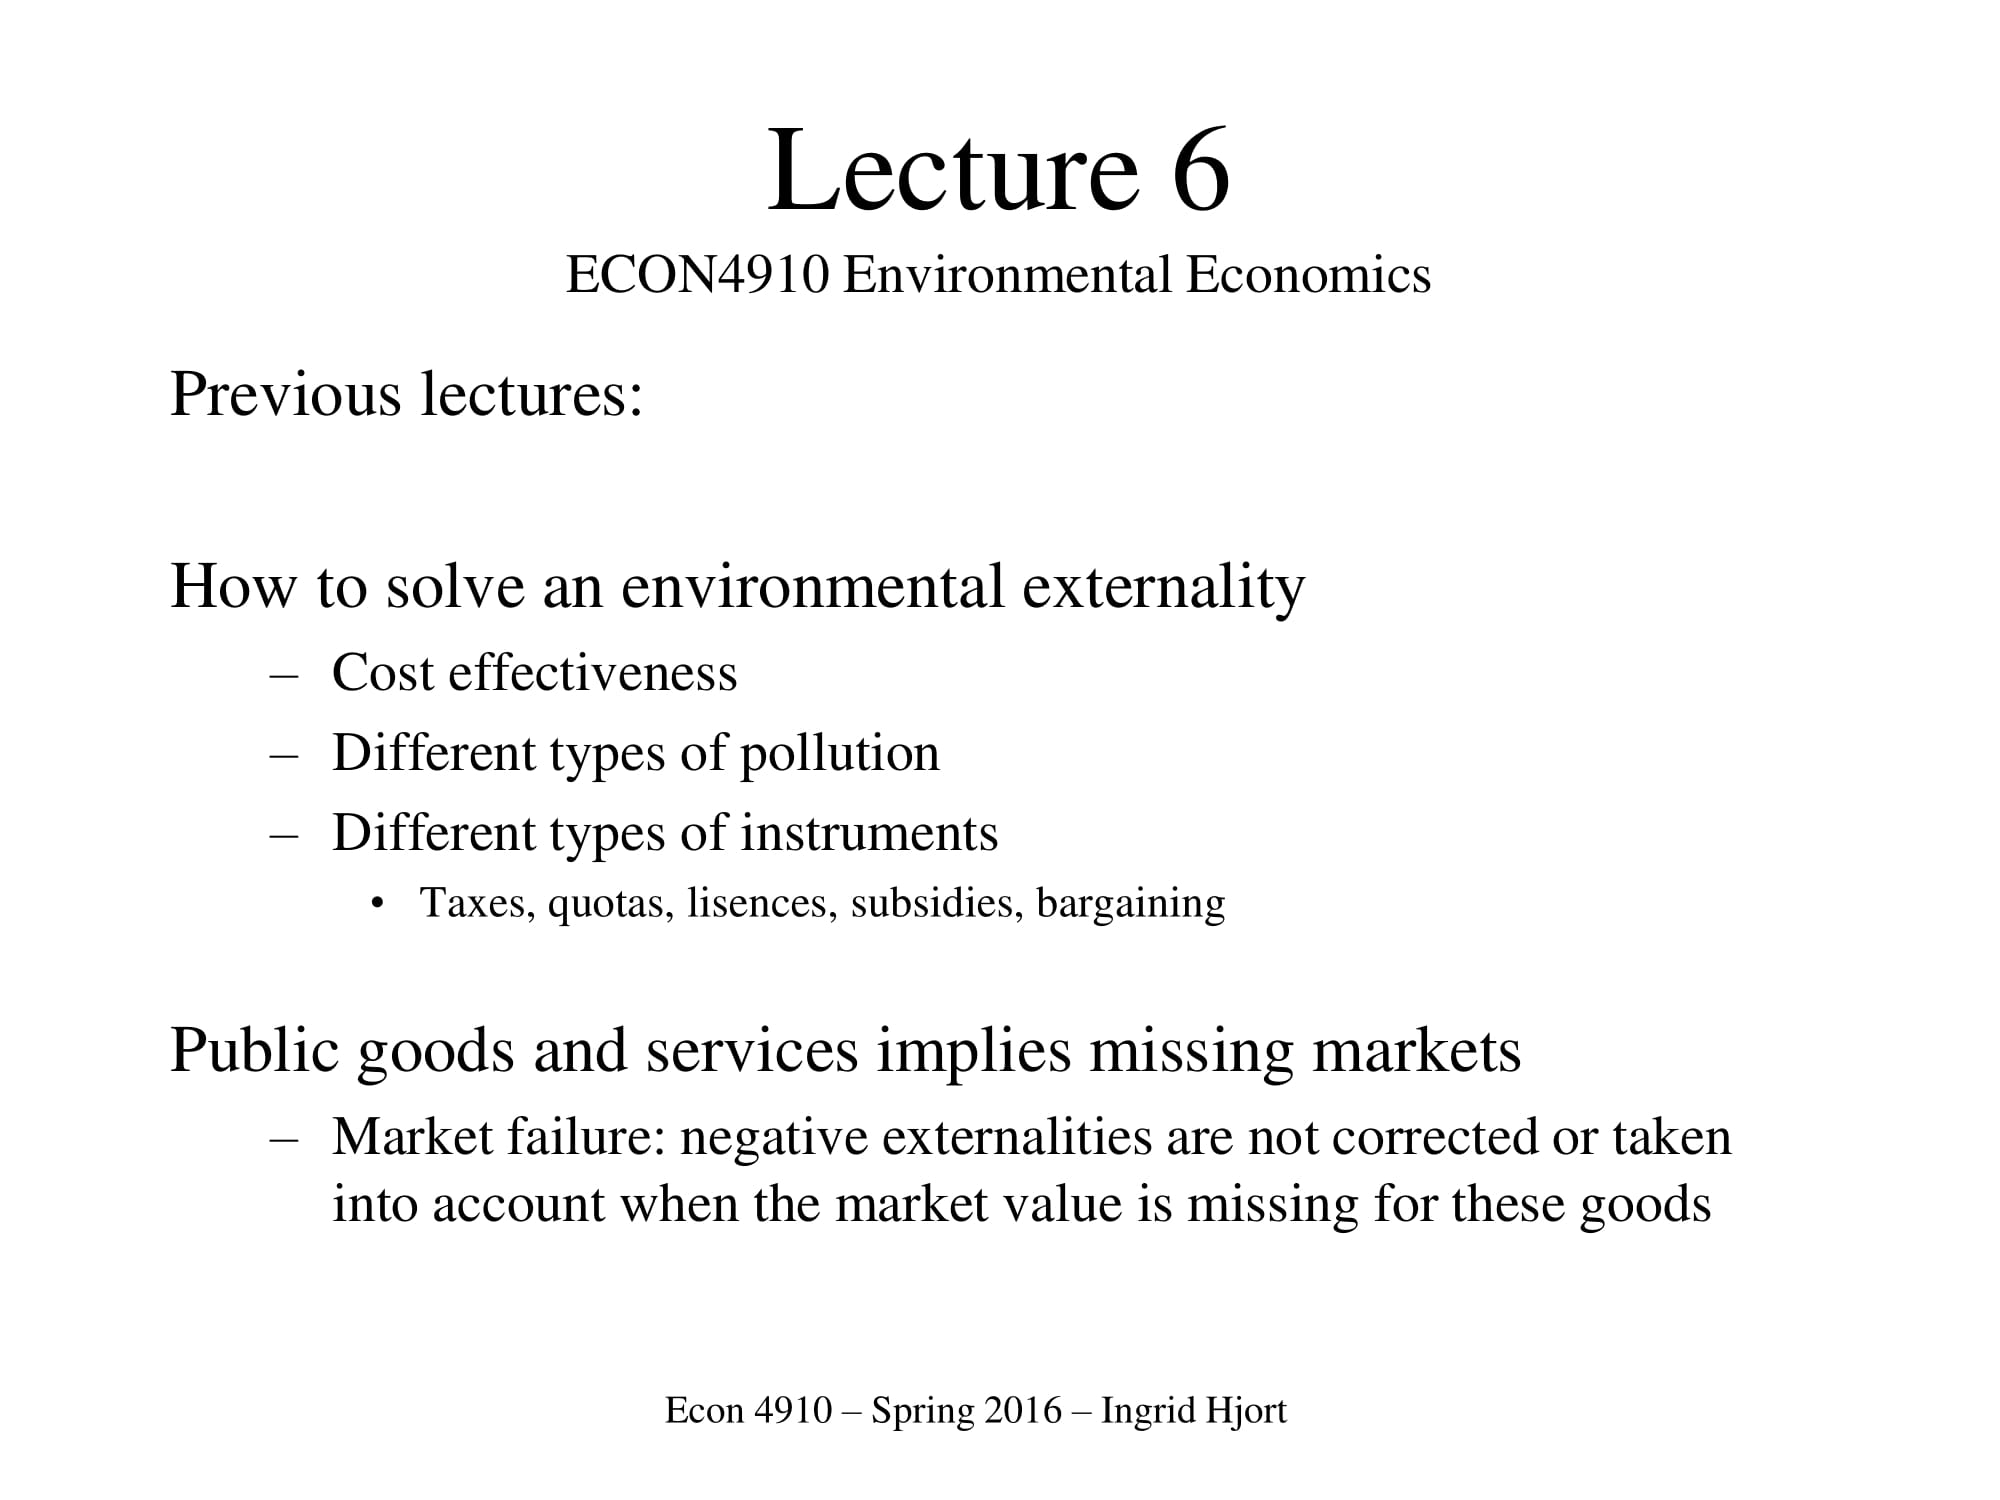 environmental economics cost analysis example